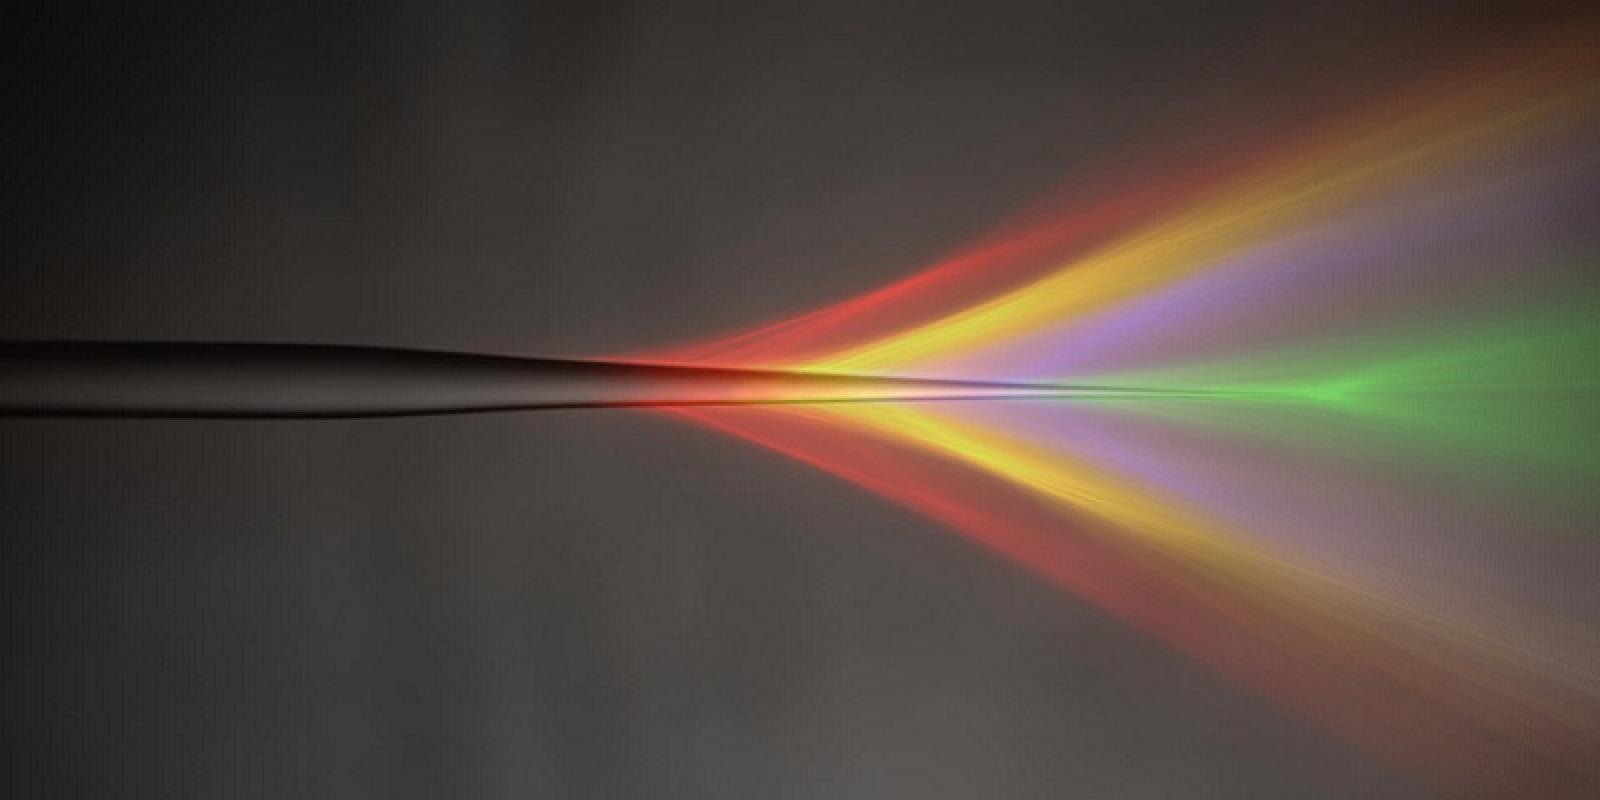 Una sonda riesce a esplorare le aree più nascoste del cervello. Credit: Istituto Italiano di Tecnologia IIT).